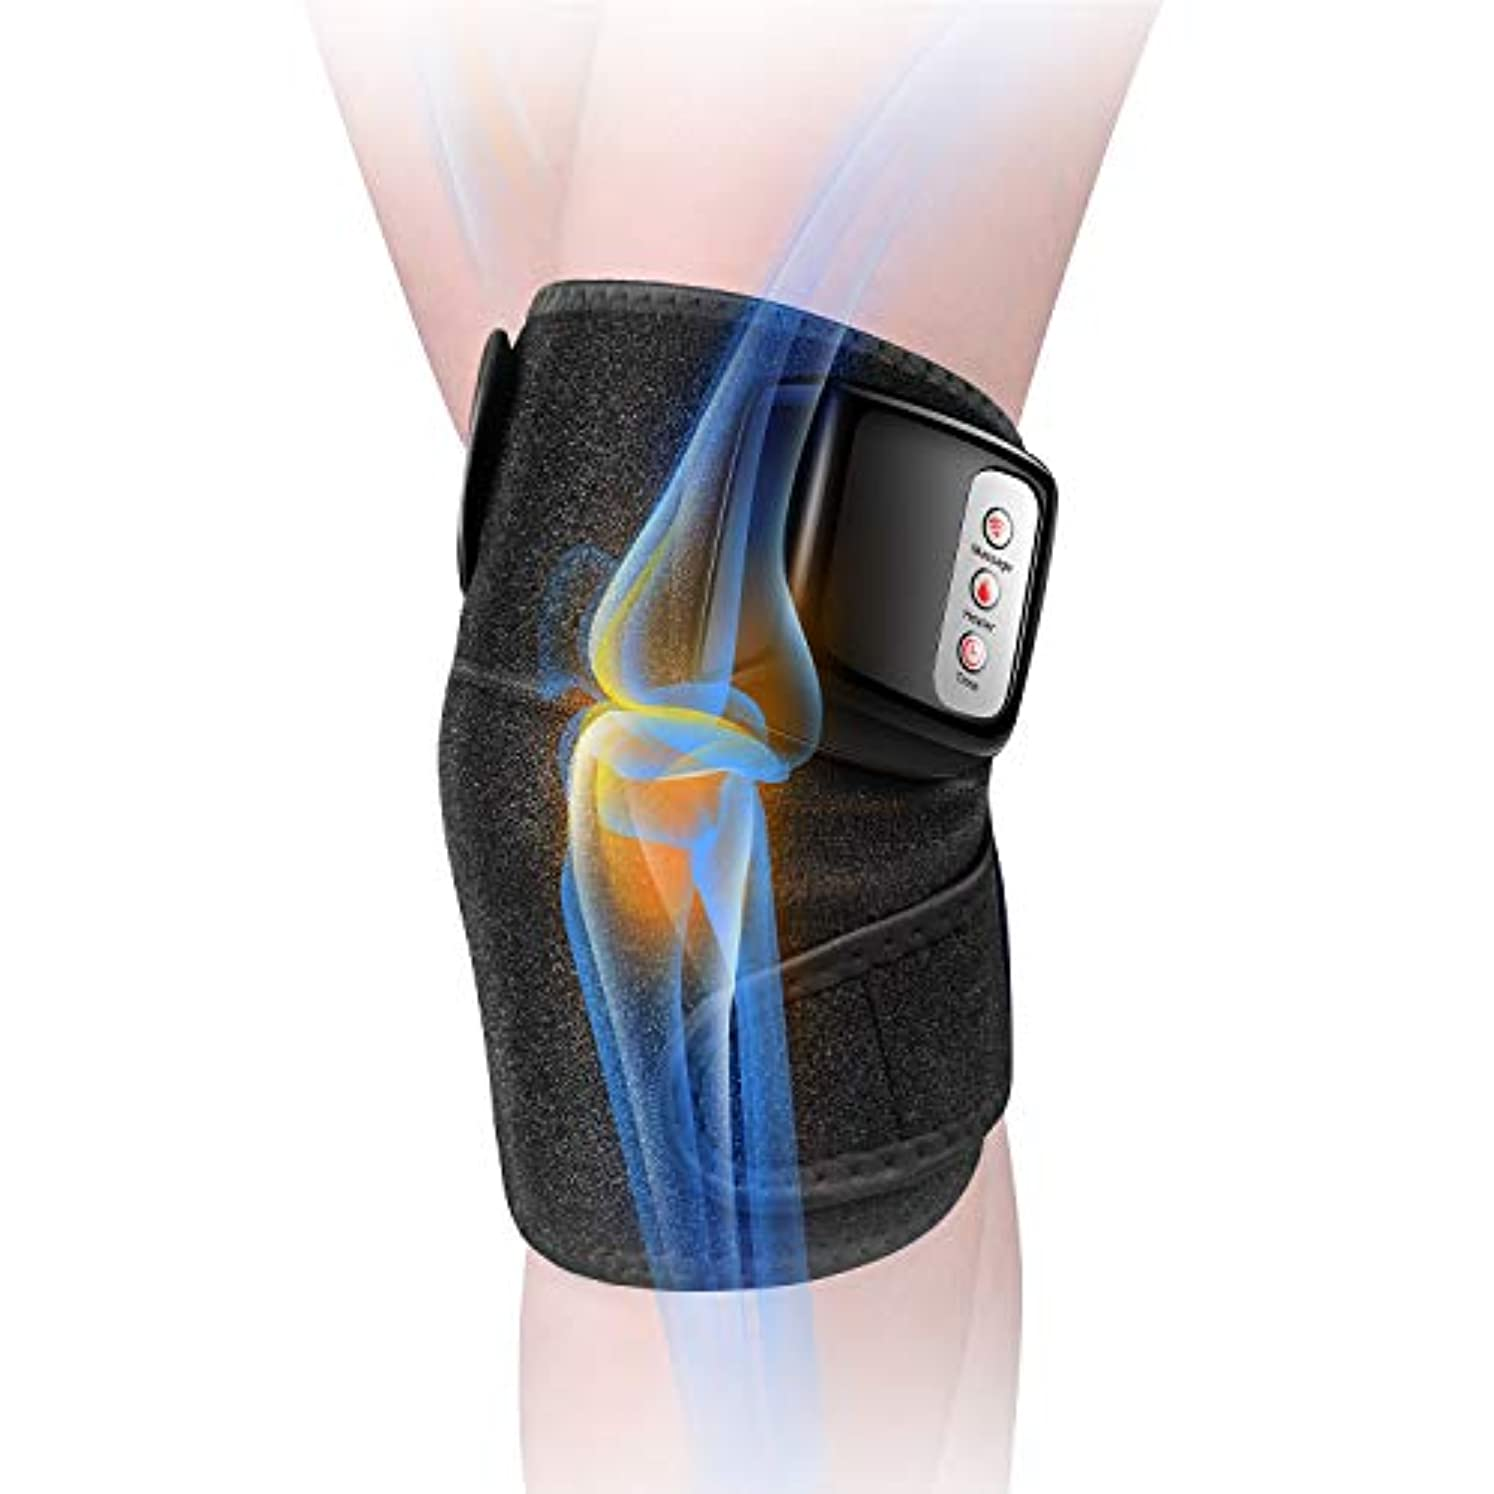 血まろやかな間違えた膝マッサージャー 関節マッサージャー マッサージ器 フットマッサージャー 振動 赤外線療法 温熱療法 膝サポーター ストレス解消 肩 太もも/腕対応